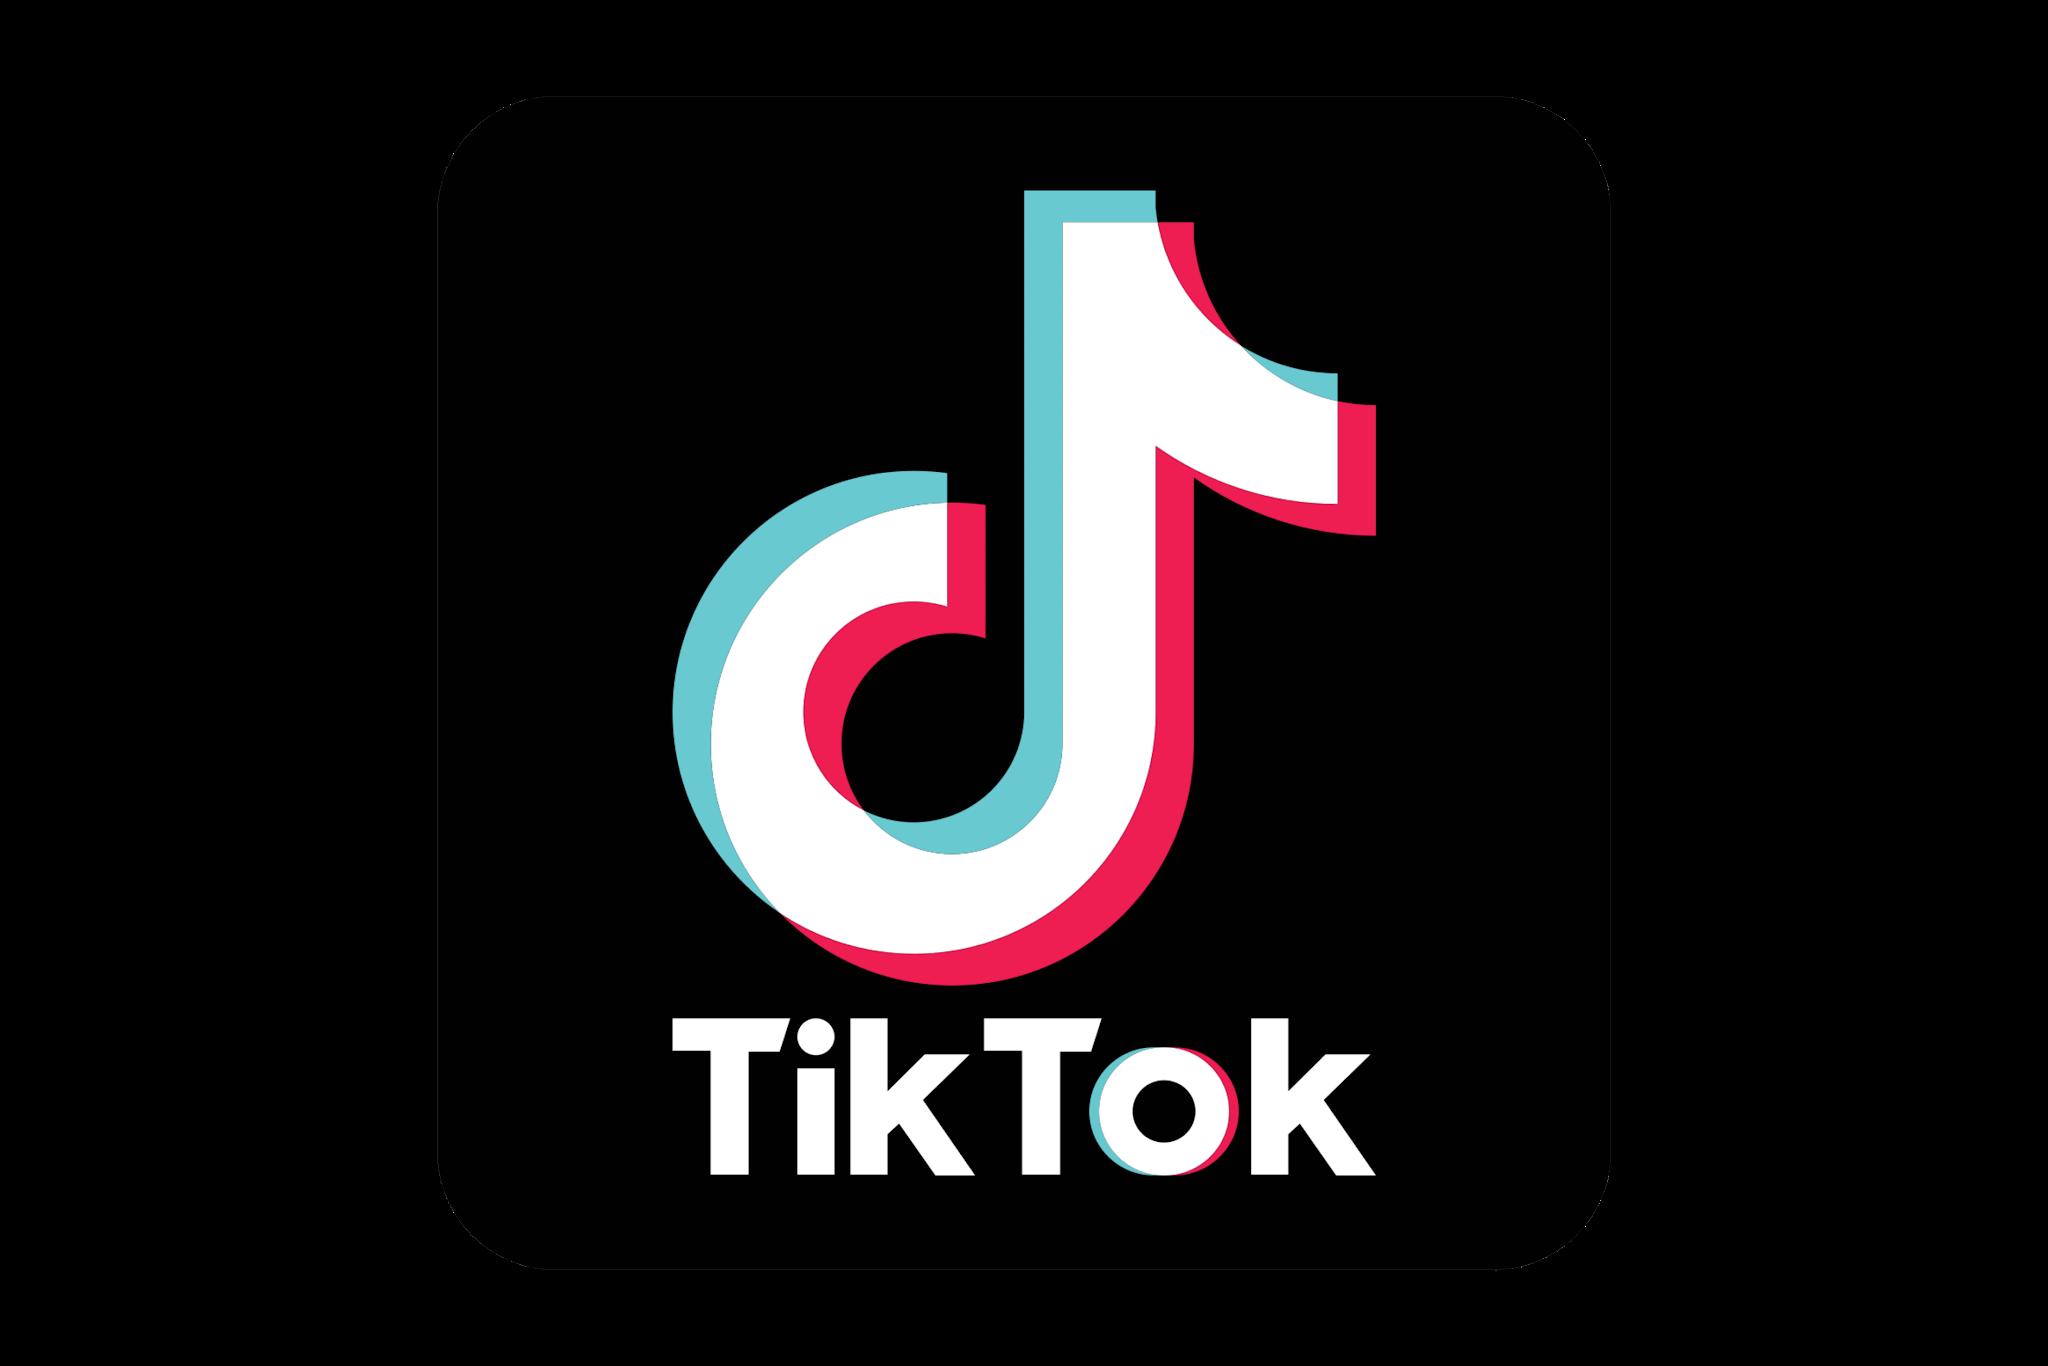 Logo de Tik Tok: la historia y el significado del logotipo ...  |Tiktok Photo Png